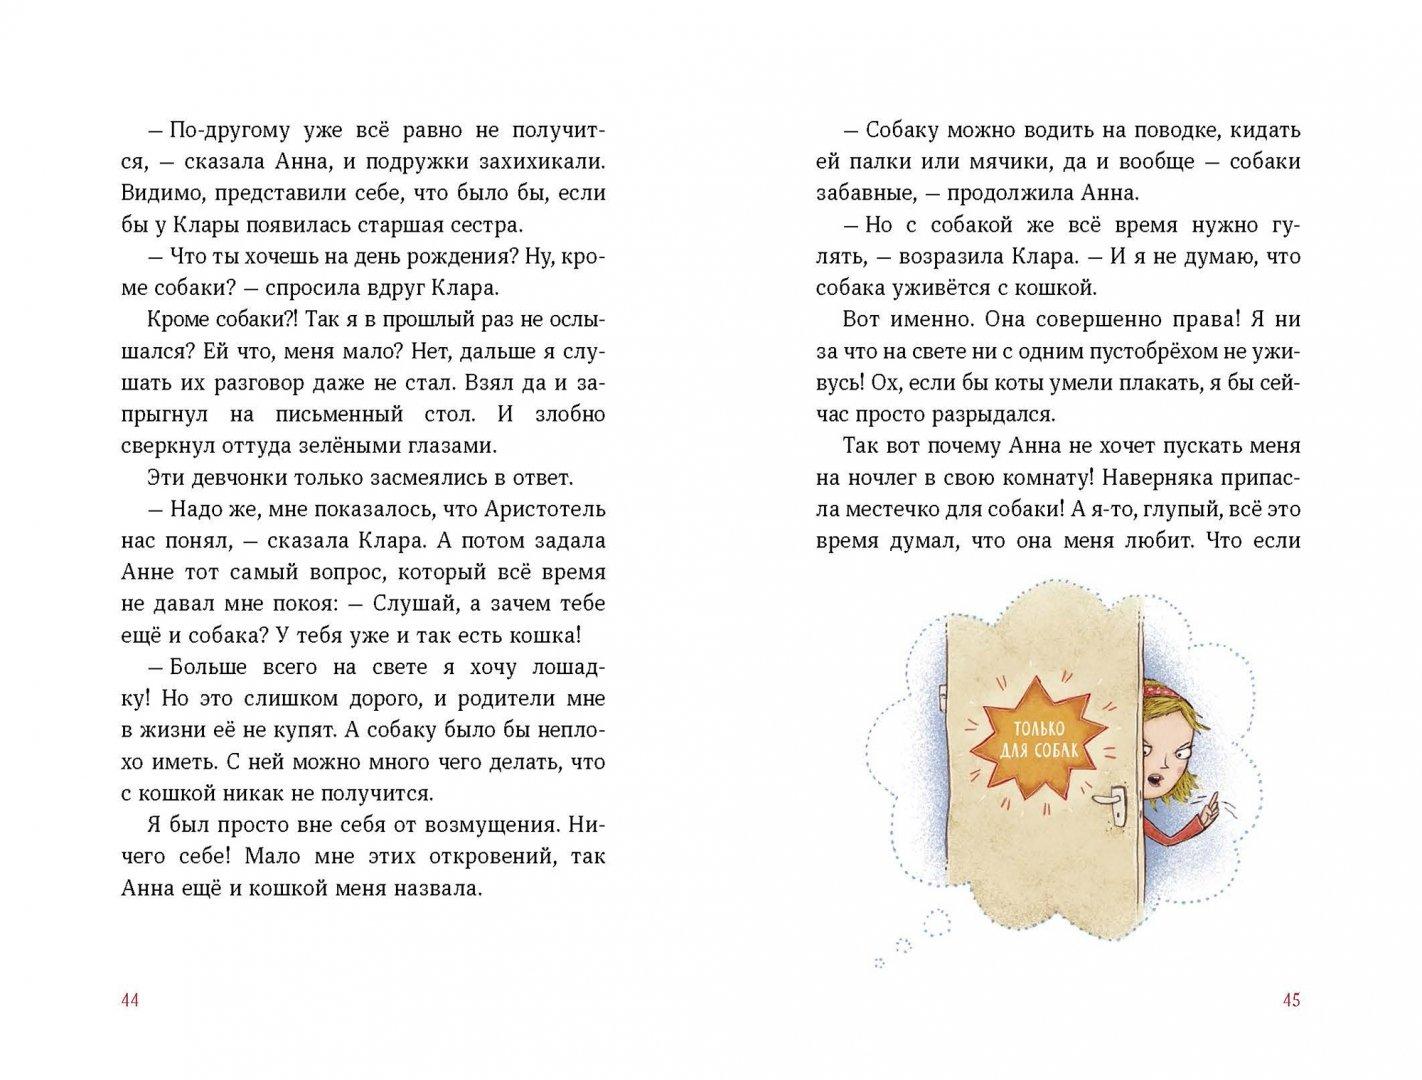 Иллюстрация 3 из 36 для А кота спросить забыли? - Аннетте Херцог | Лабиринт - книги. Источник: Лабиринт